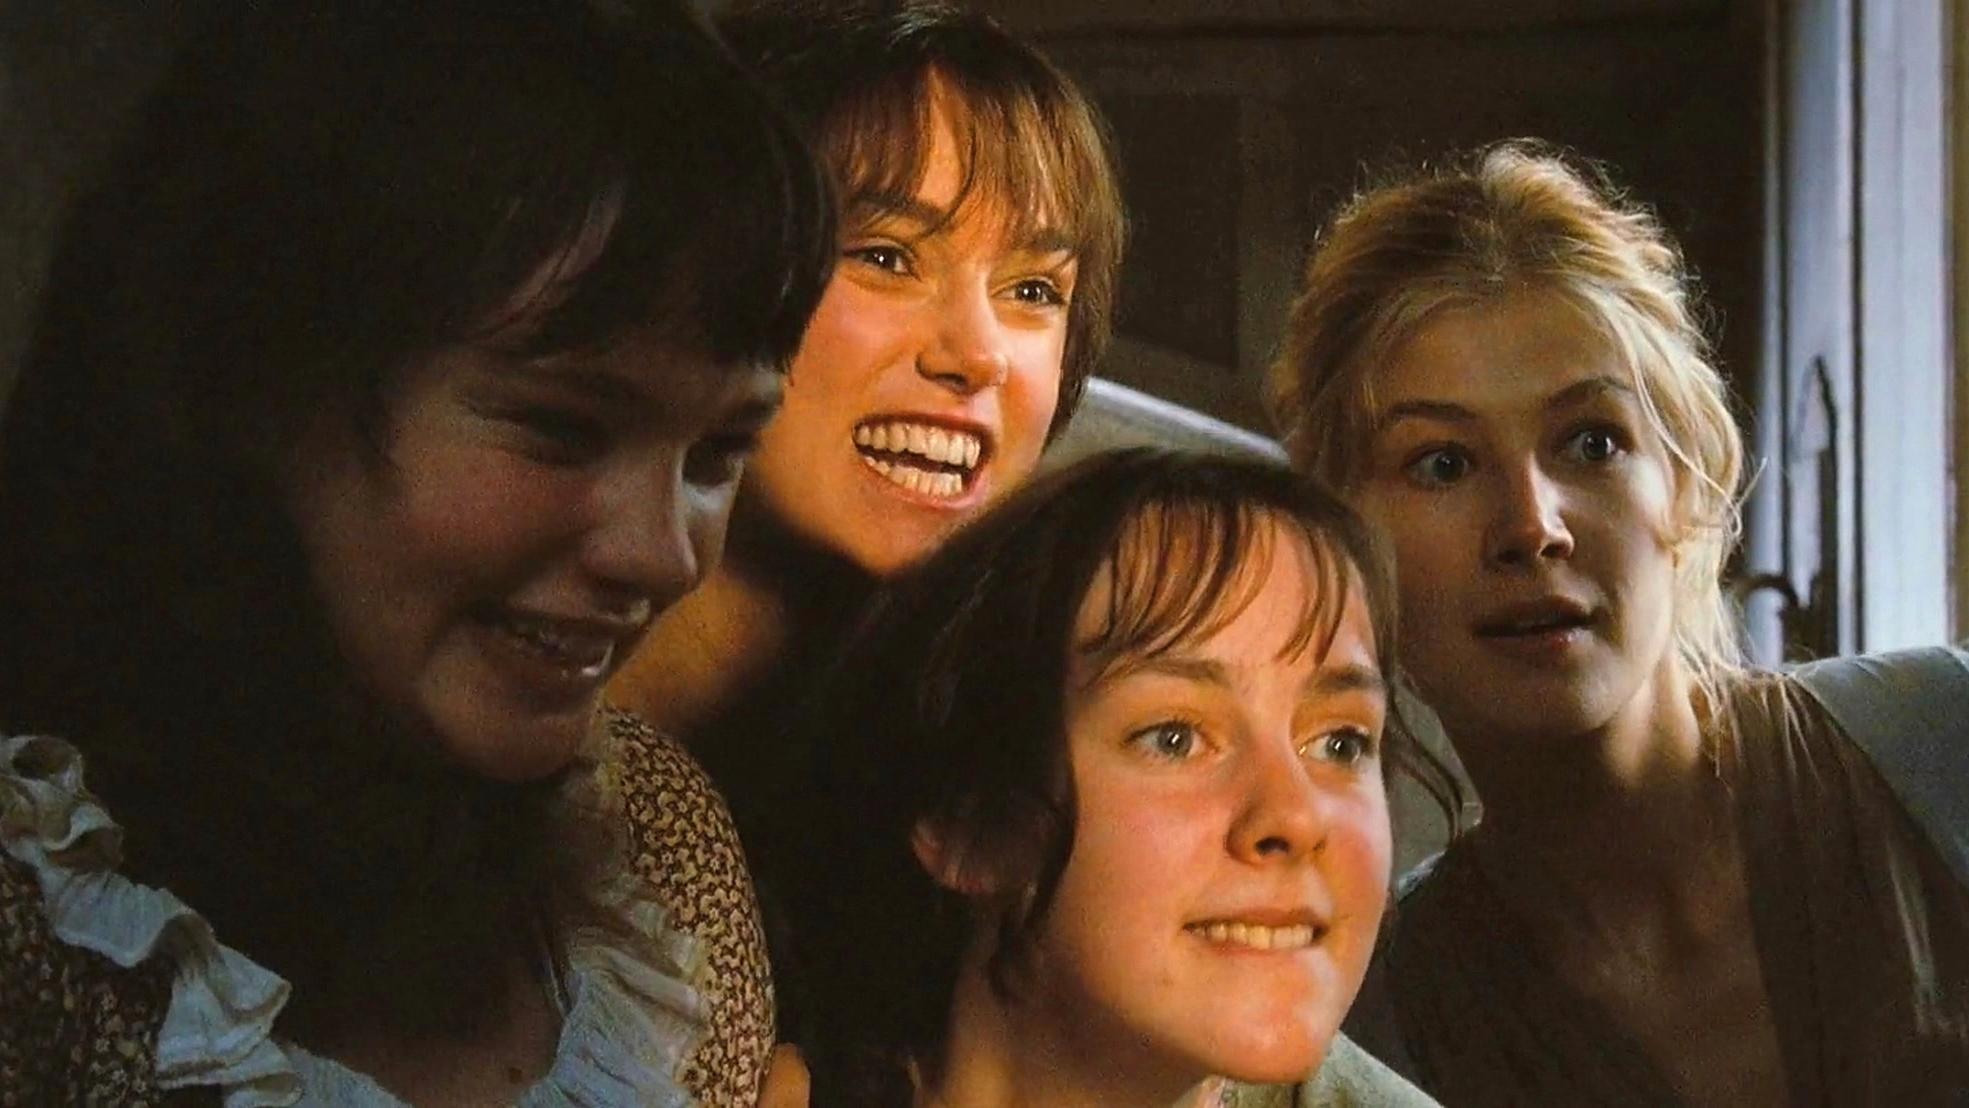 五姐妹盼来隔壁老王个个心猿意马《傲慢与偏见》